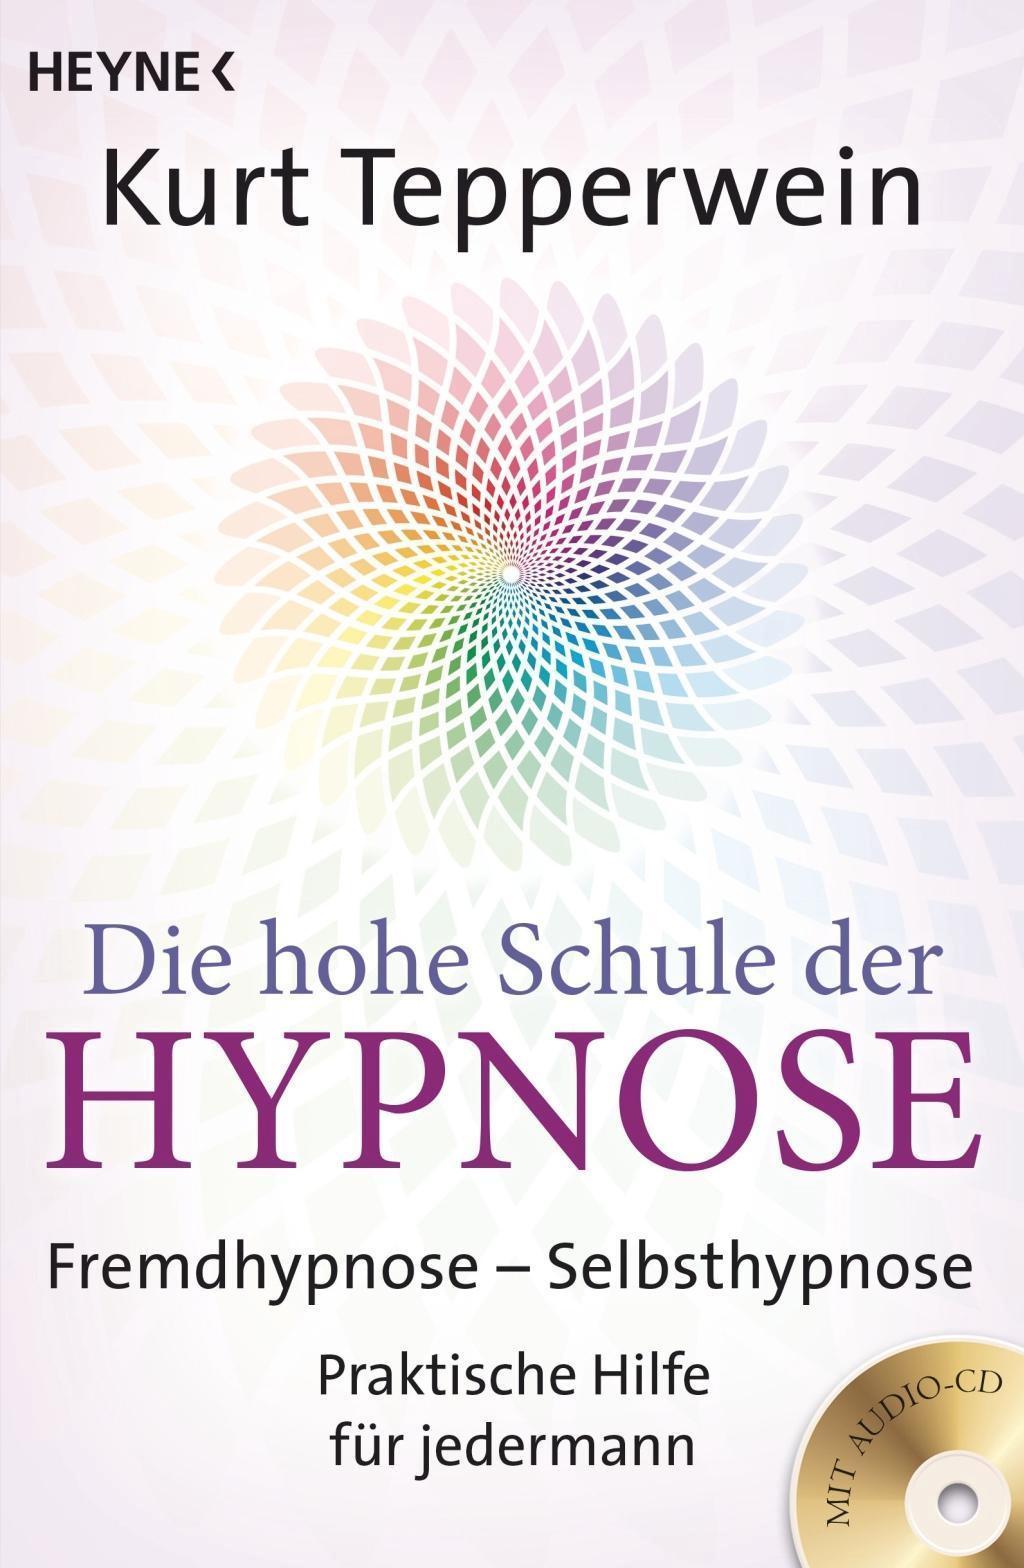 Die hohe Schule der Hypnose Fremdhypnose – Selbsth 1